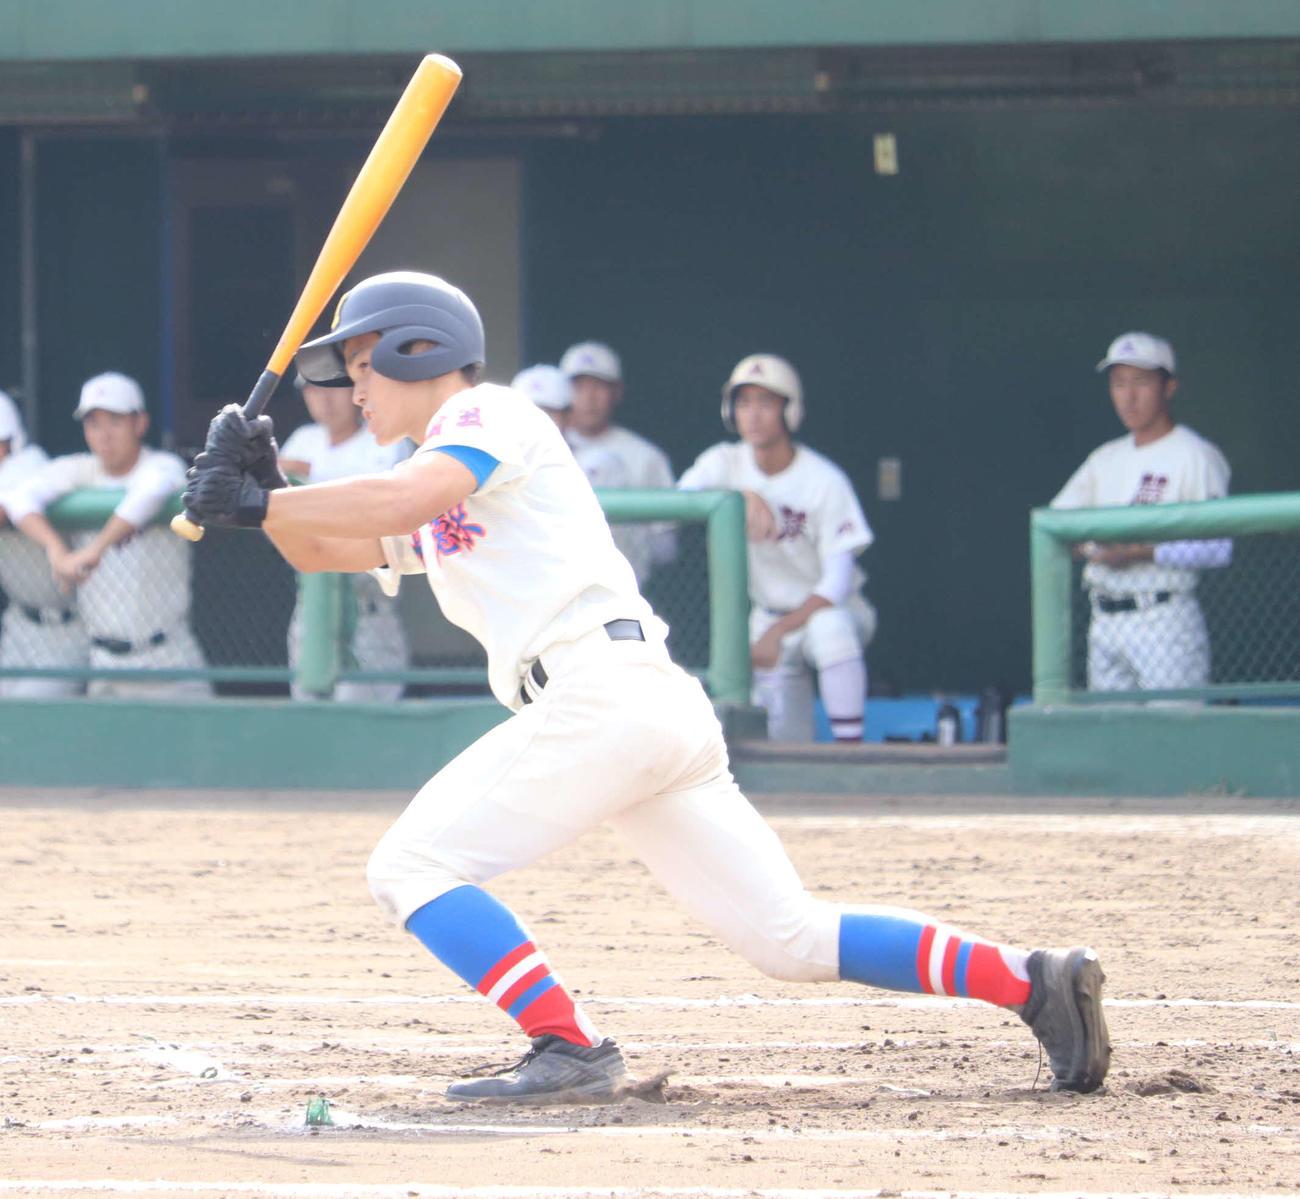 花咲徳栄対蕨 7回表花咲徳栄無死、花咲徳栄・鹿野は三ゴロに倒れるも、1試合4出塁と貢献した(撮影・湯本勝大)